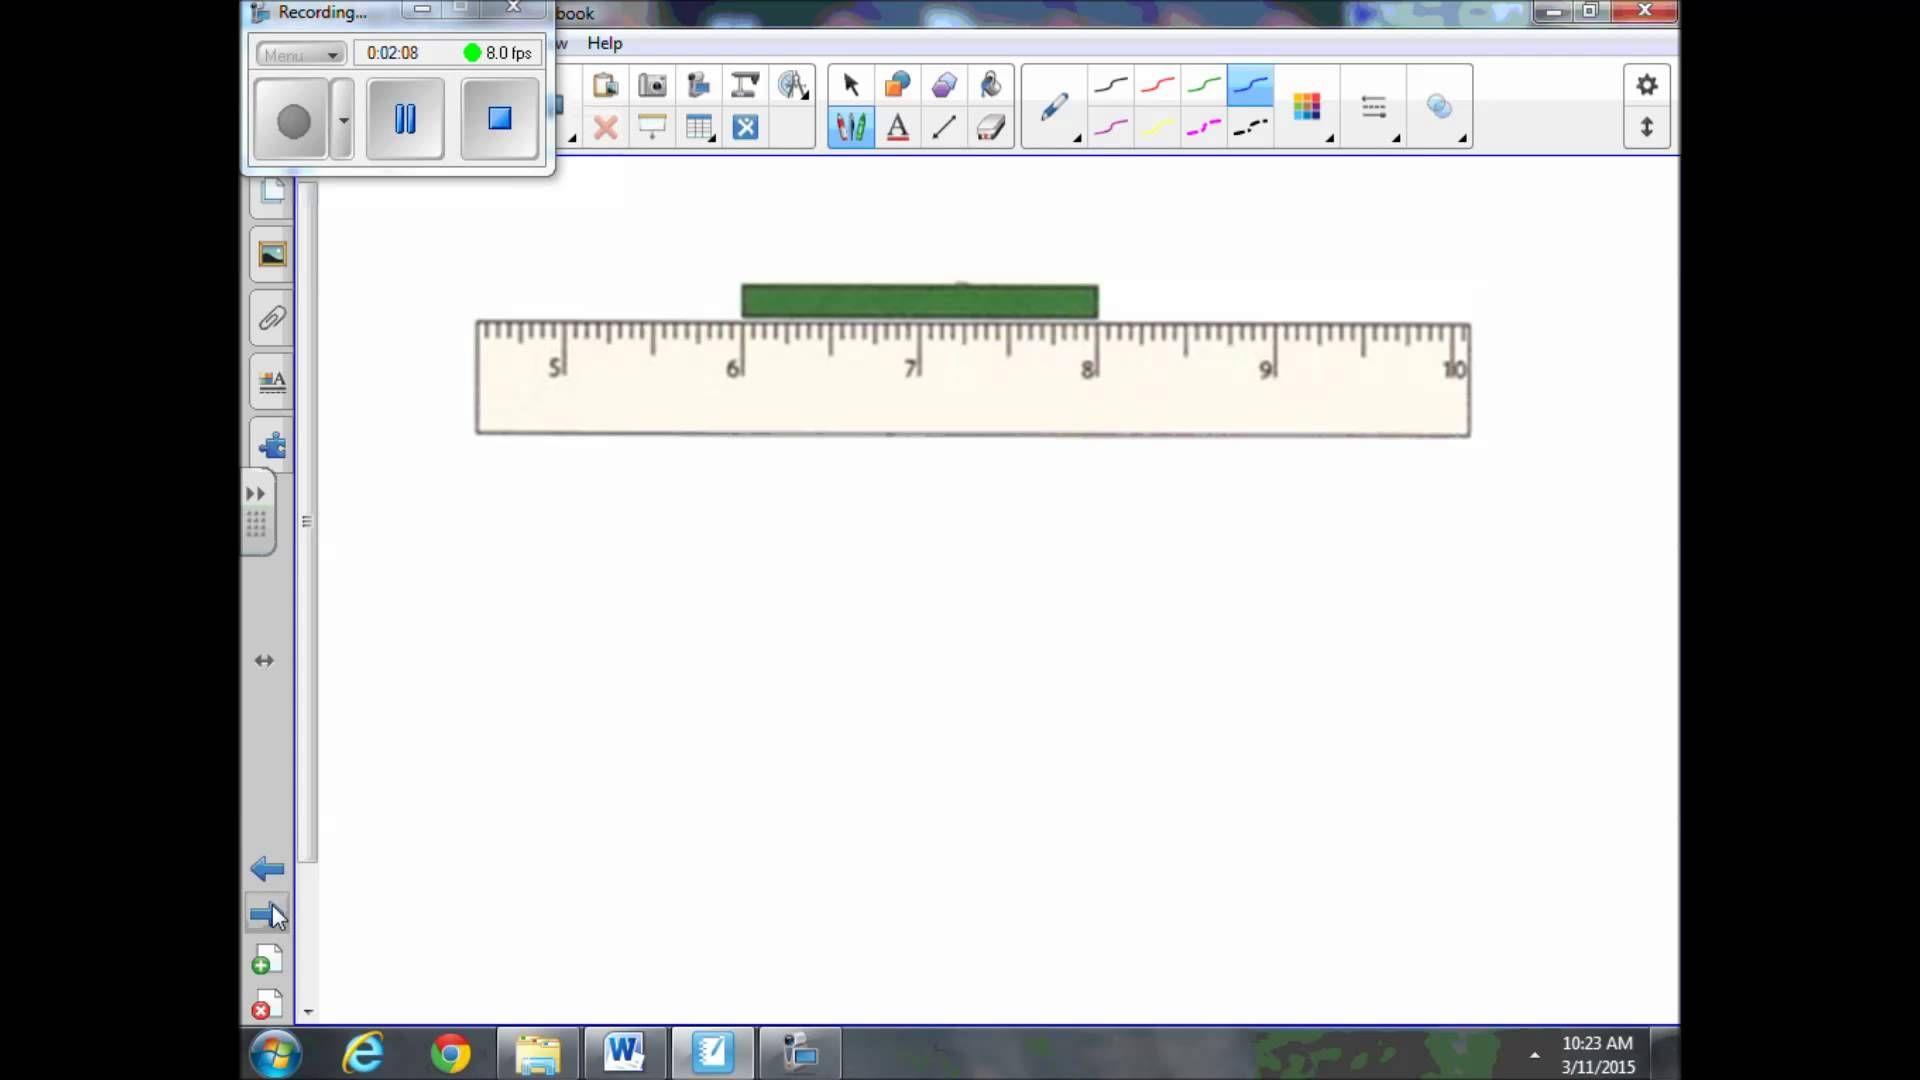 Measuring Using Rulers And Broken Rulers